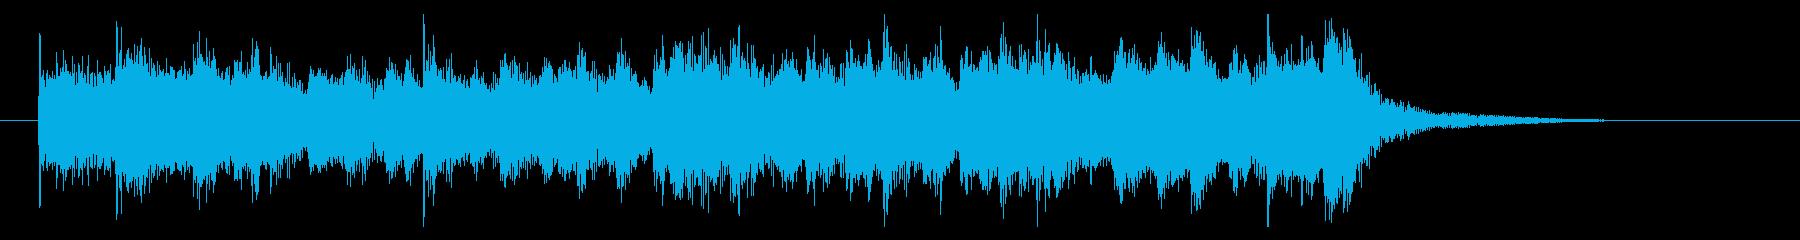 栄光溢れる行進風オーケストラジングルの再生済みの波形